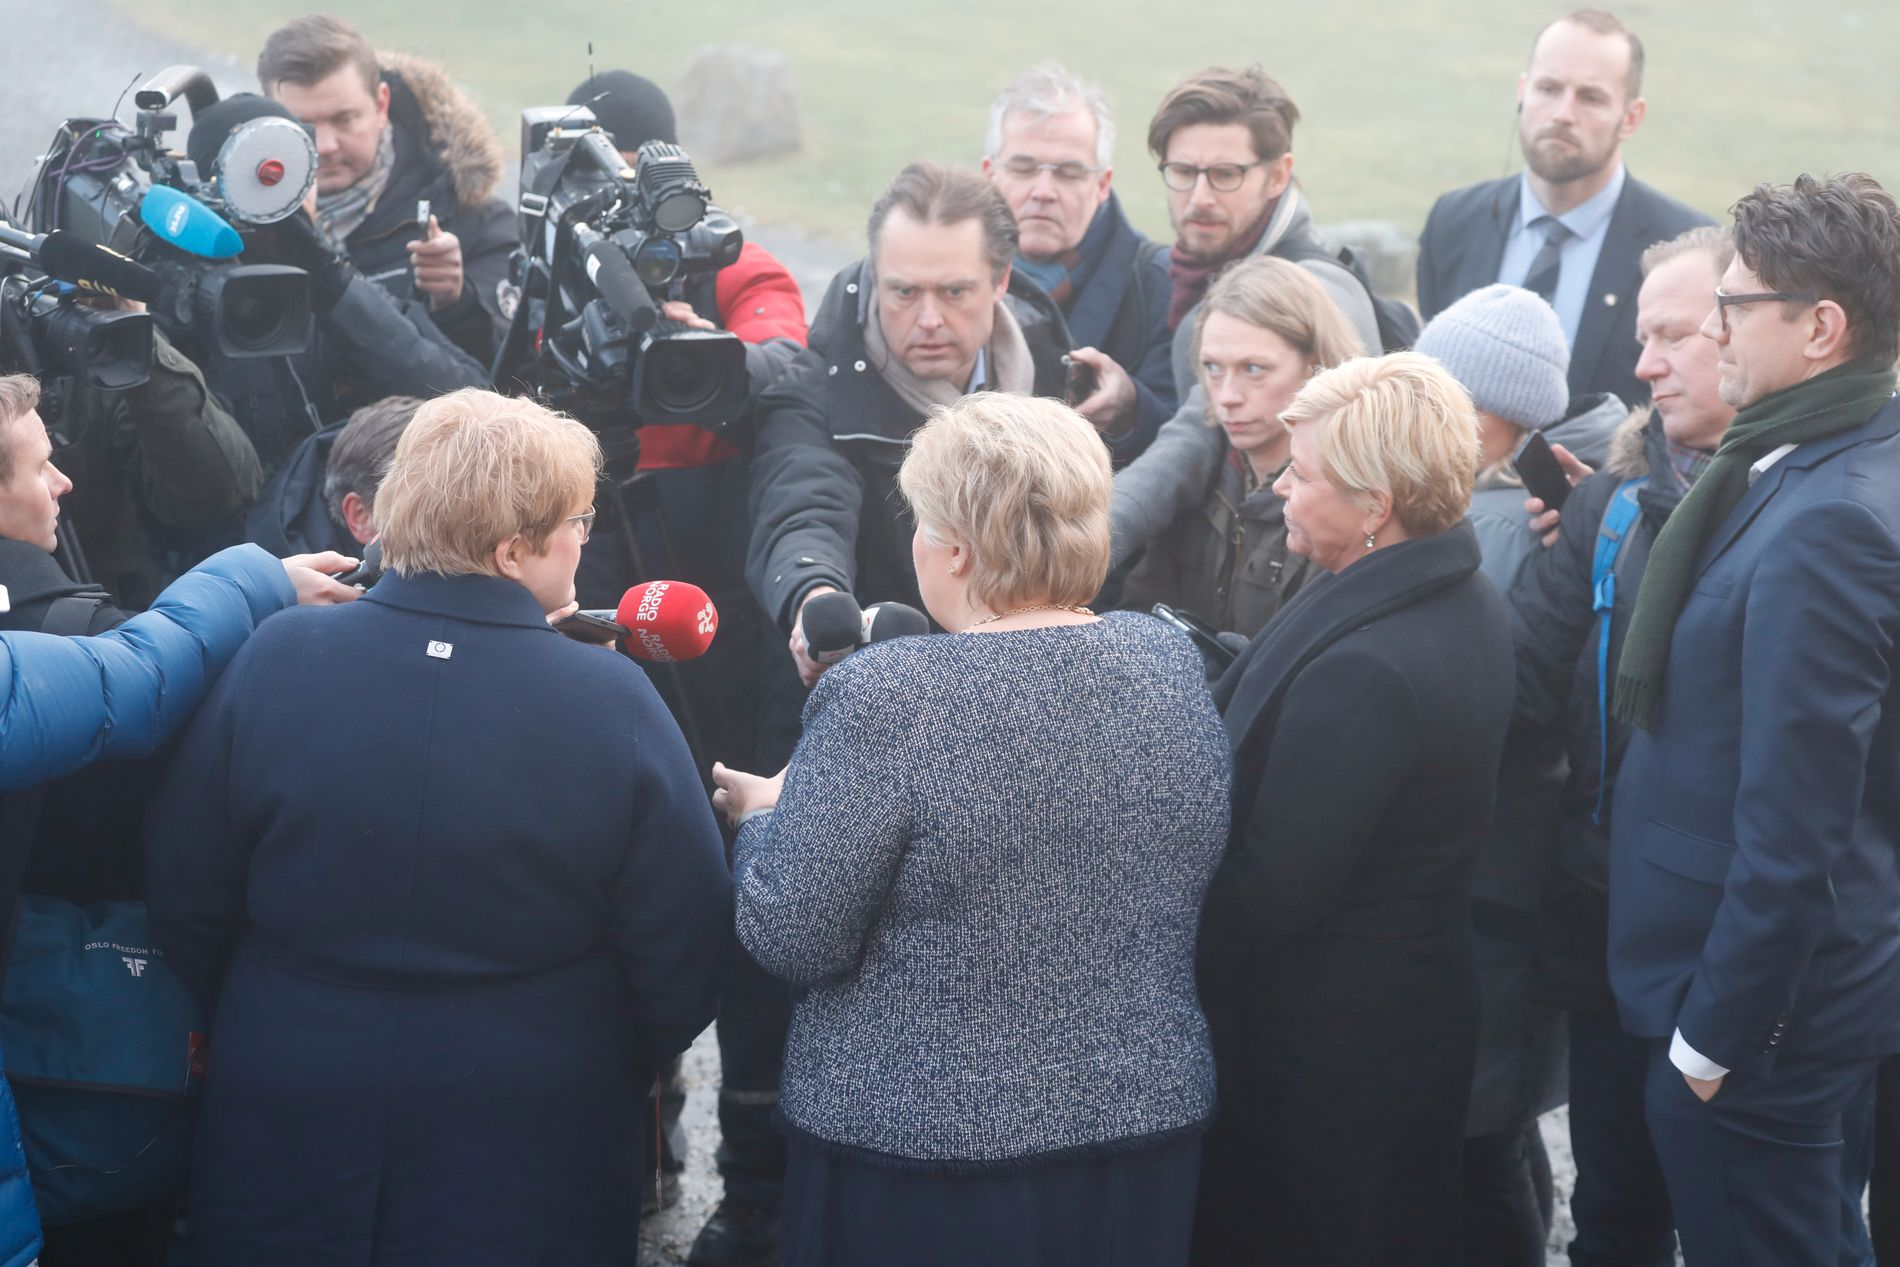 IKKE SIKKERT DE BLIR ENIGE: Trine Skei Grande (til venstre med ryggen til), Erna Solberg og Siv Jensen har startet forhandlinger om en ny plattform for en mindretallsregjering med tre partier.